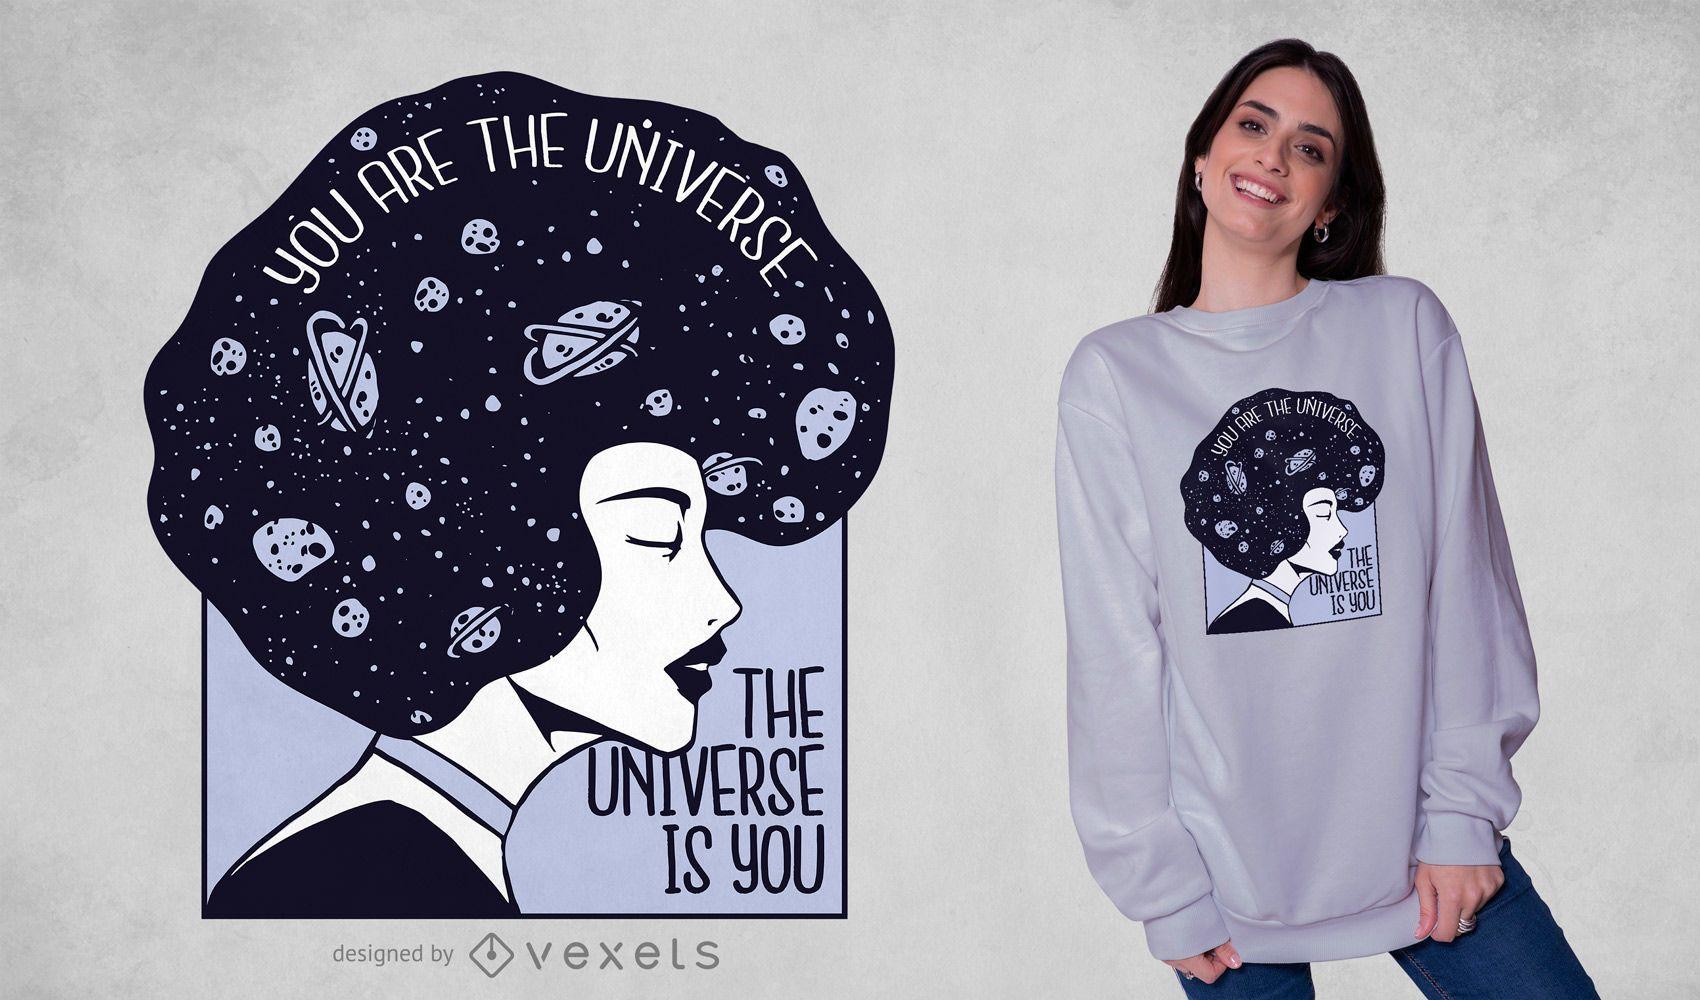 Dise?o de camiseta de chica universo